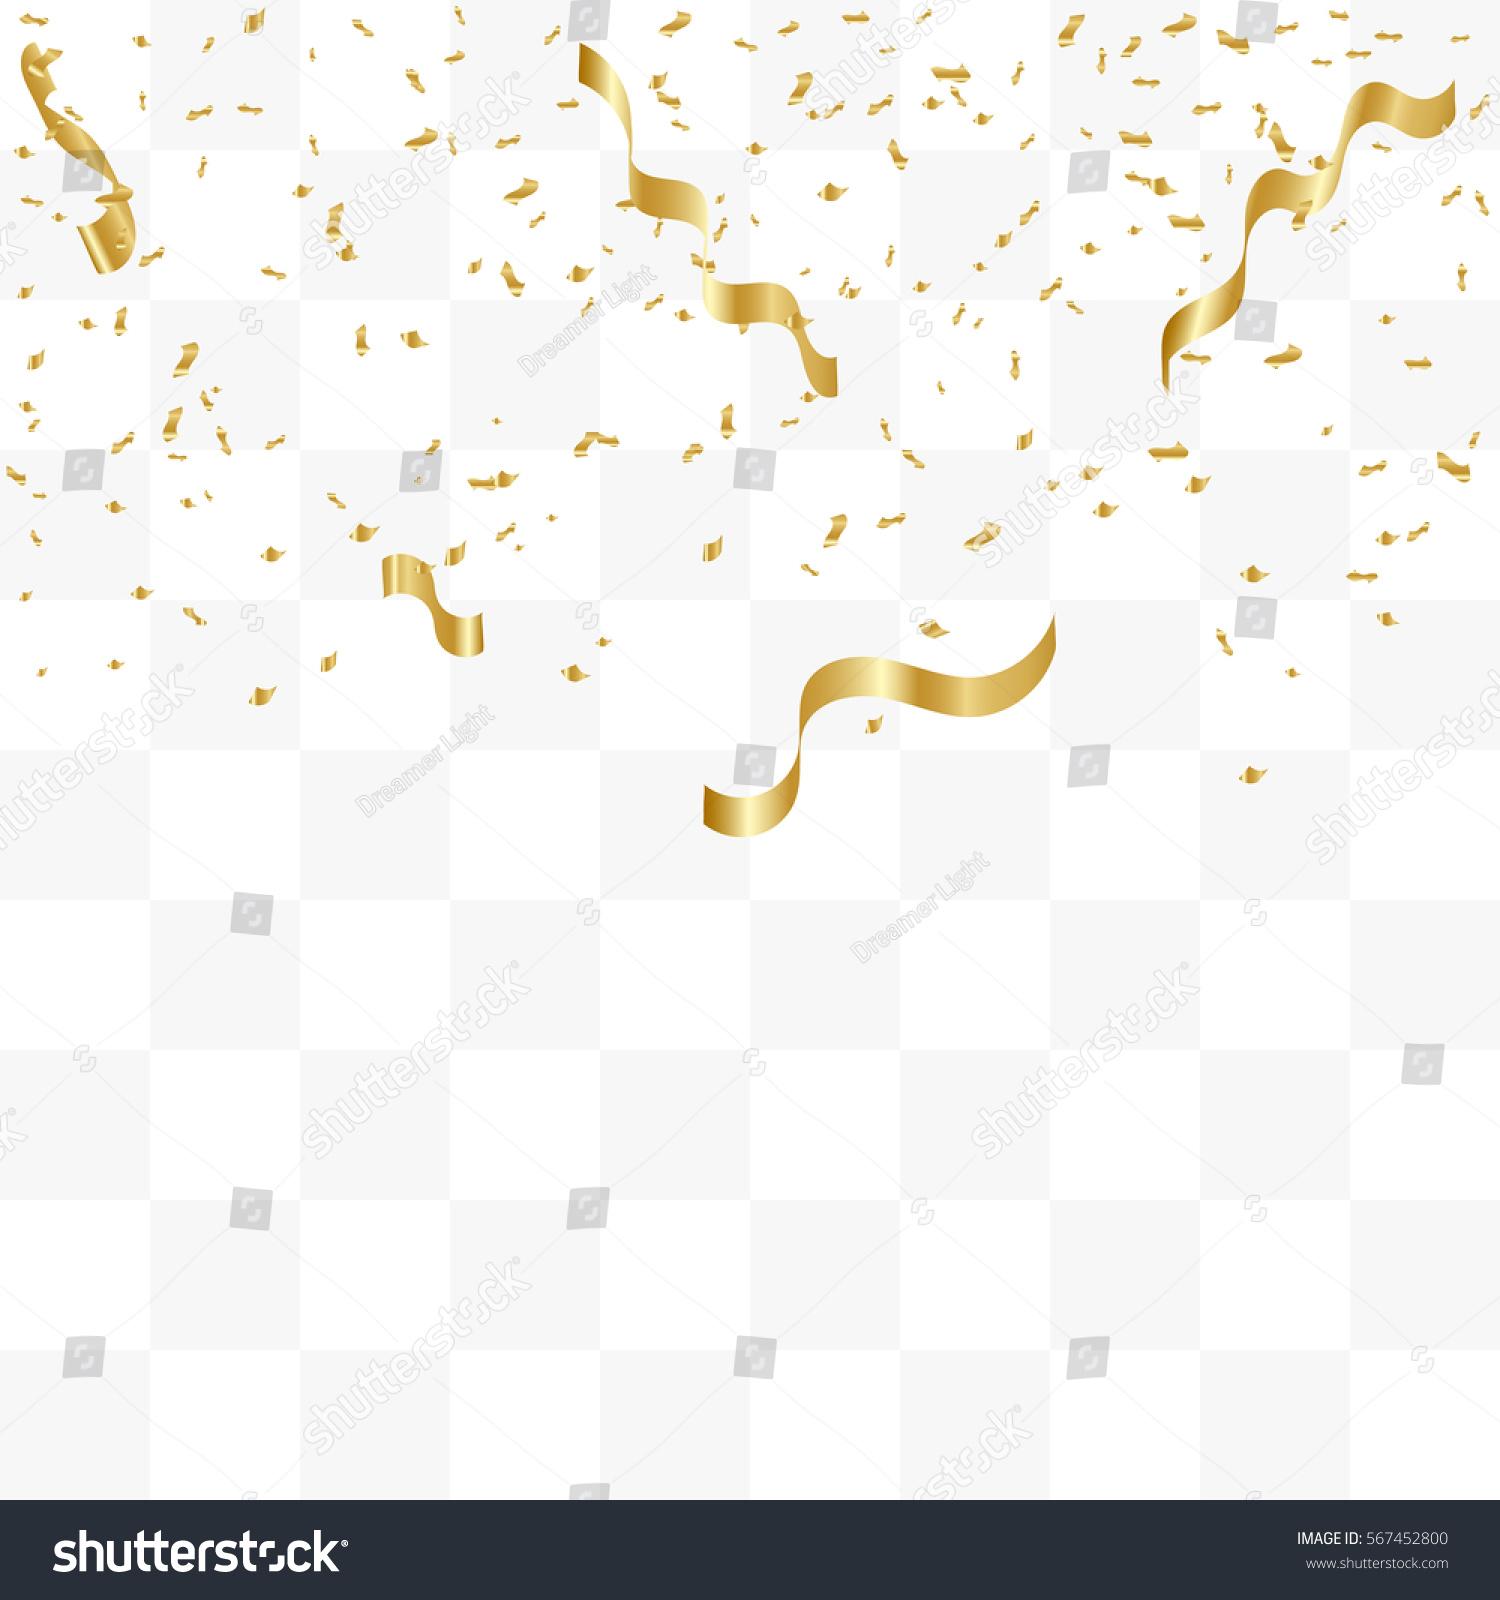 Confetti background vector golden confetti background - Golden Confetti And Ribbon Falling On Transparent Background Vector